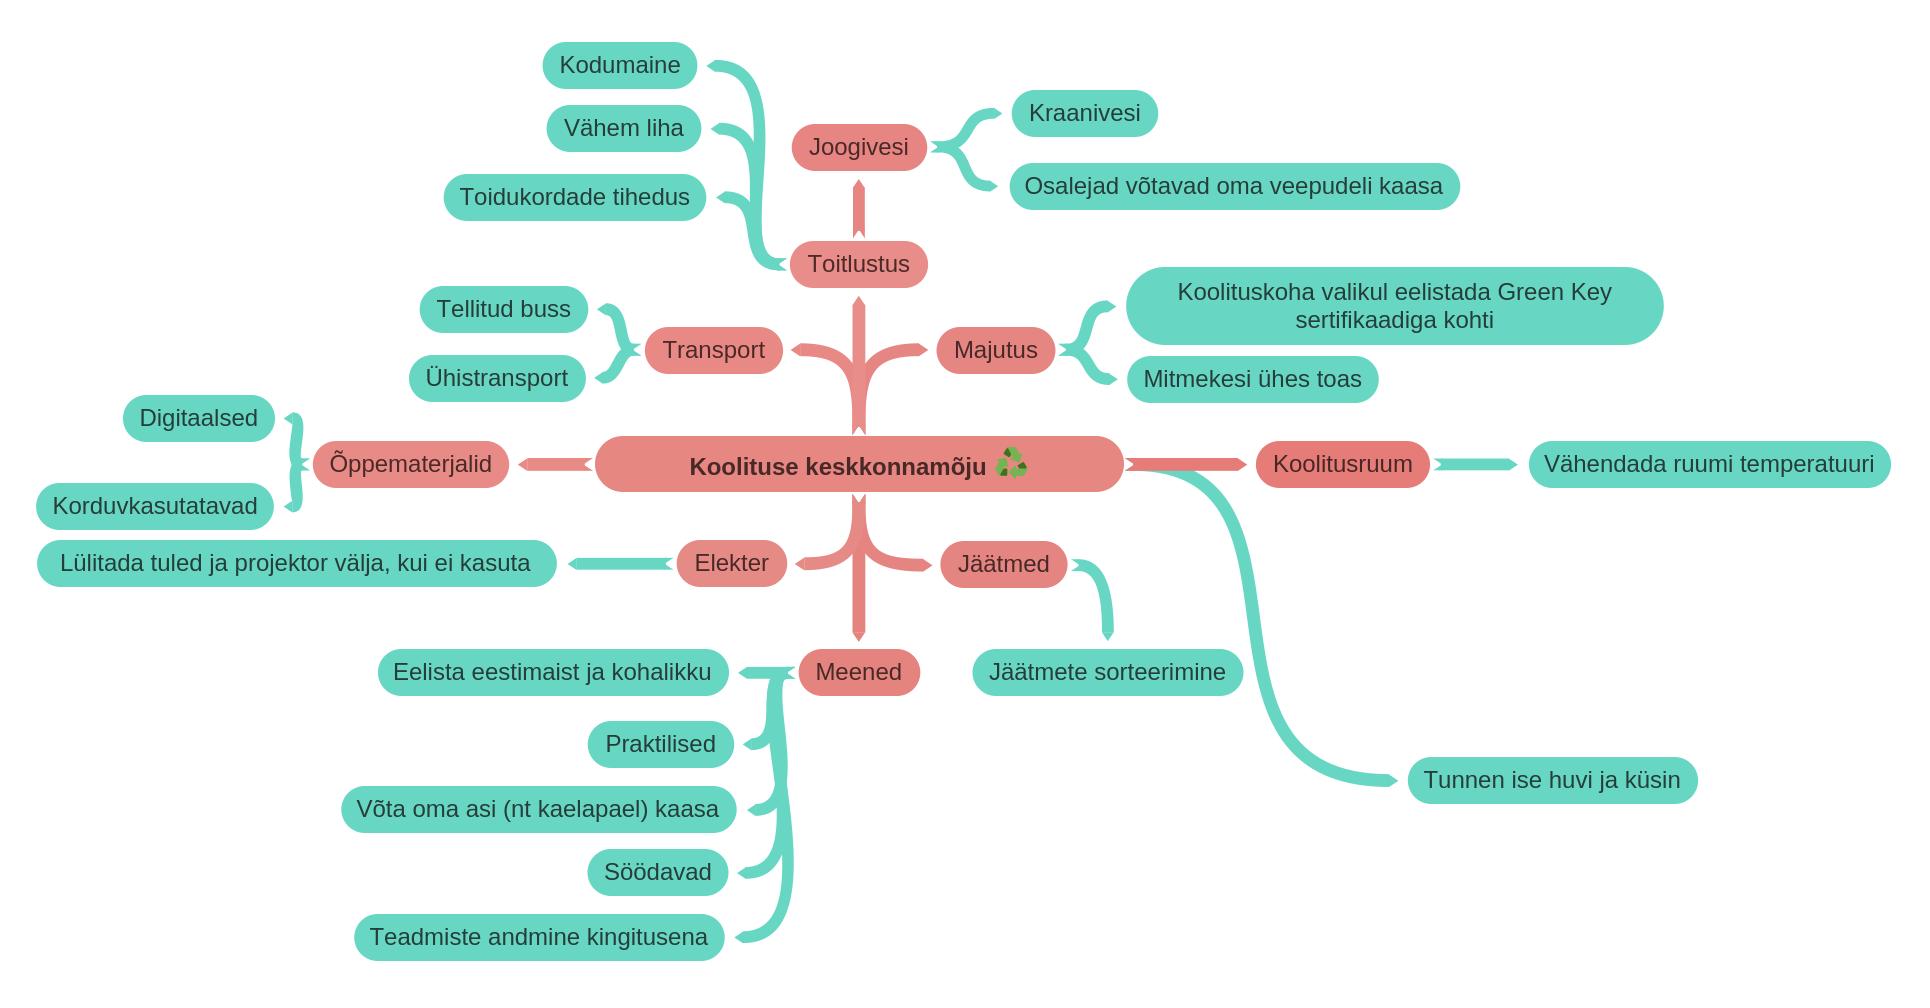 Prpbleemi-kaart koolituse keskkonnamõjust